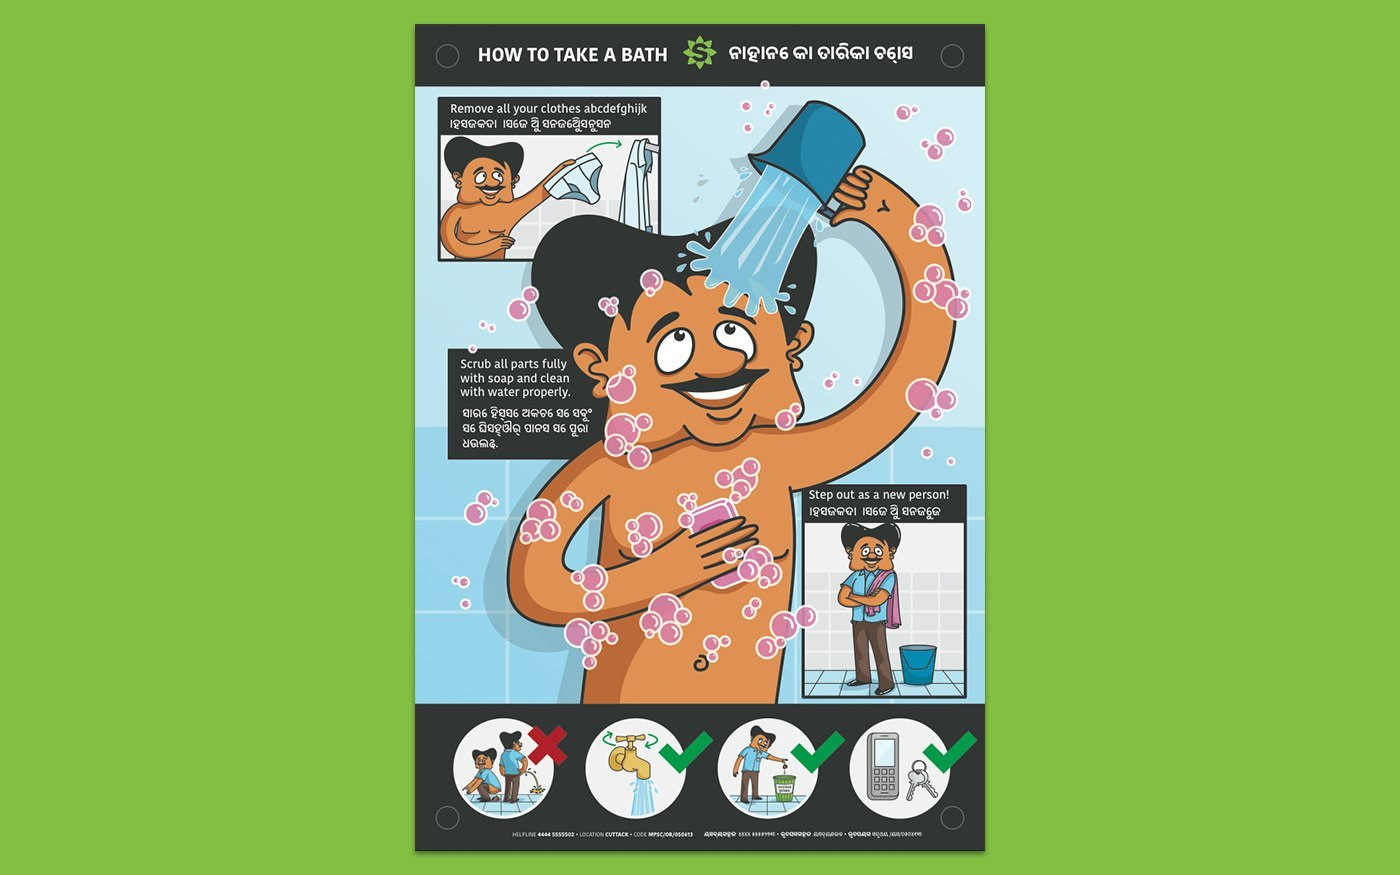 Instruction signage: How to bathe